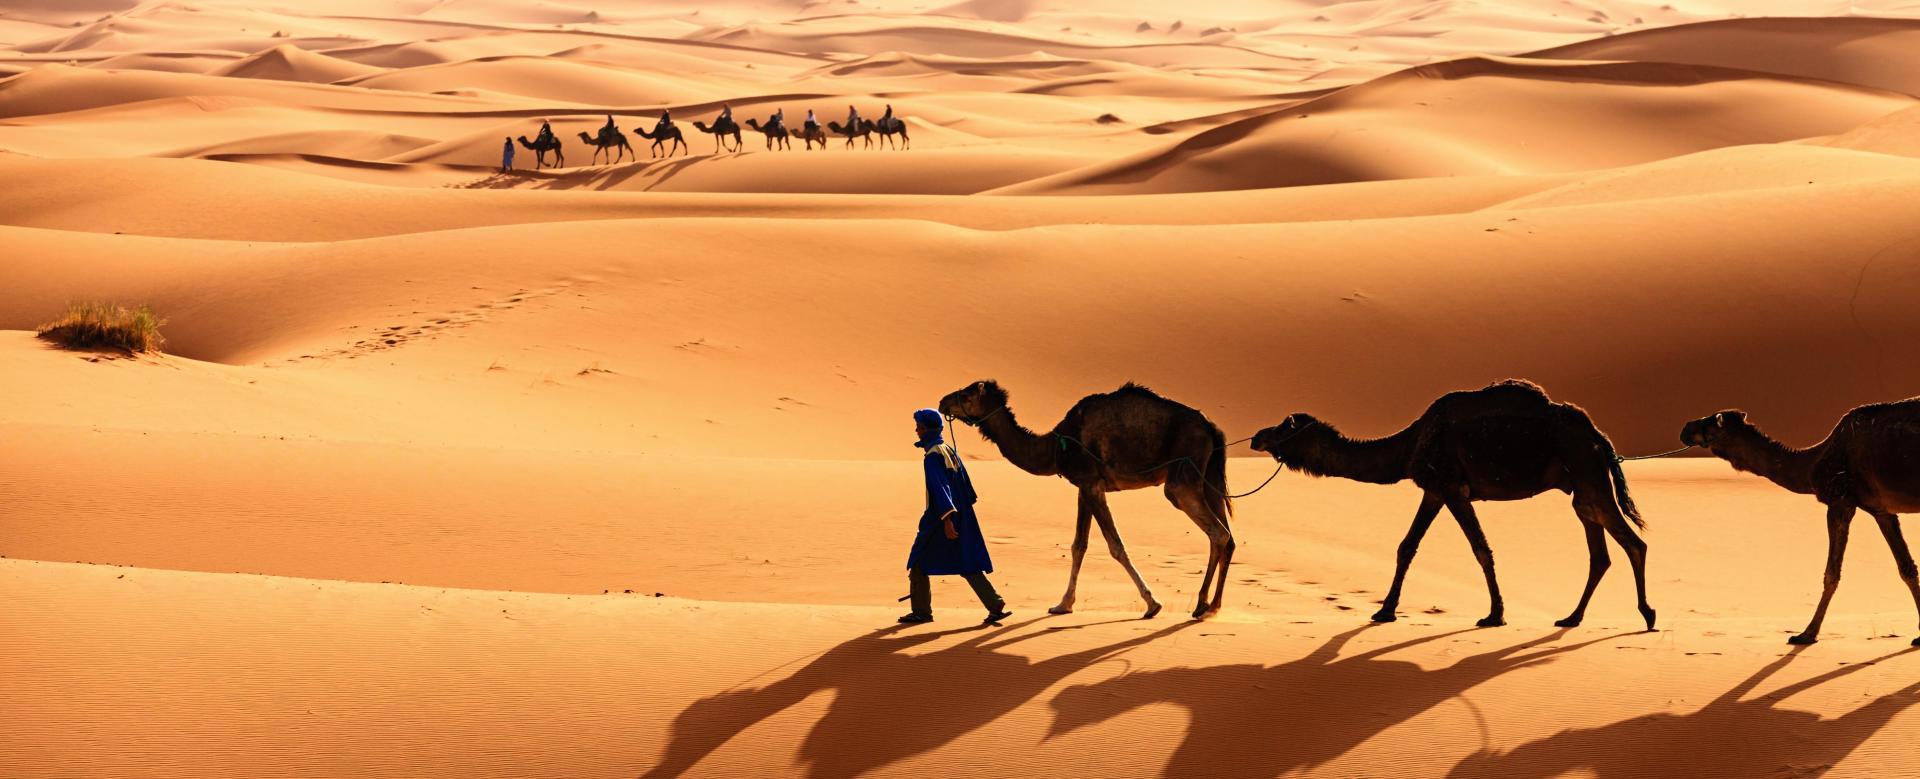 Voyage à pied Mauritanie : L'odyssée des sables : de ouadane à chinguetti